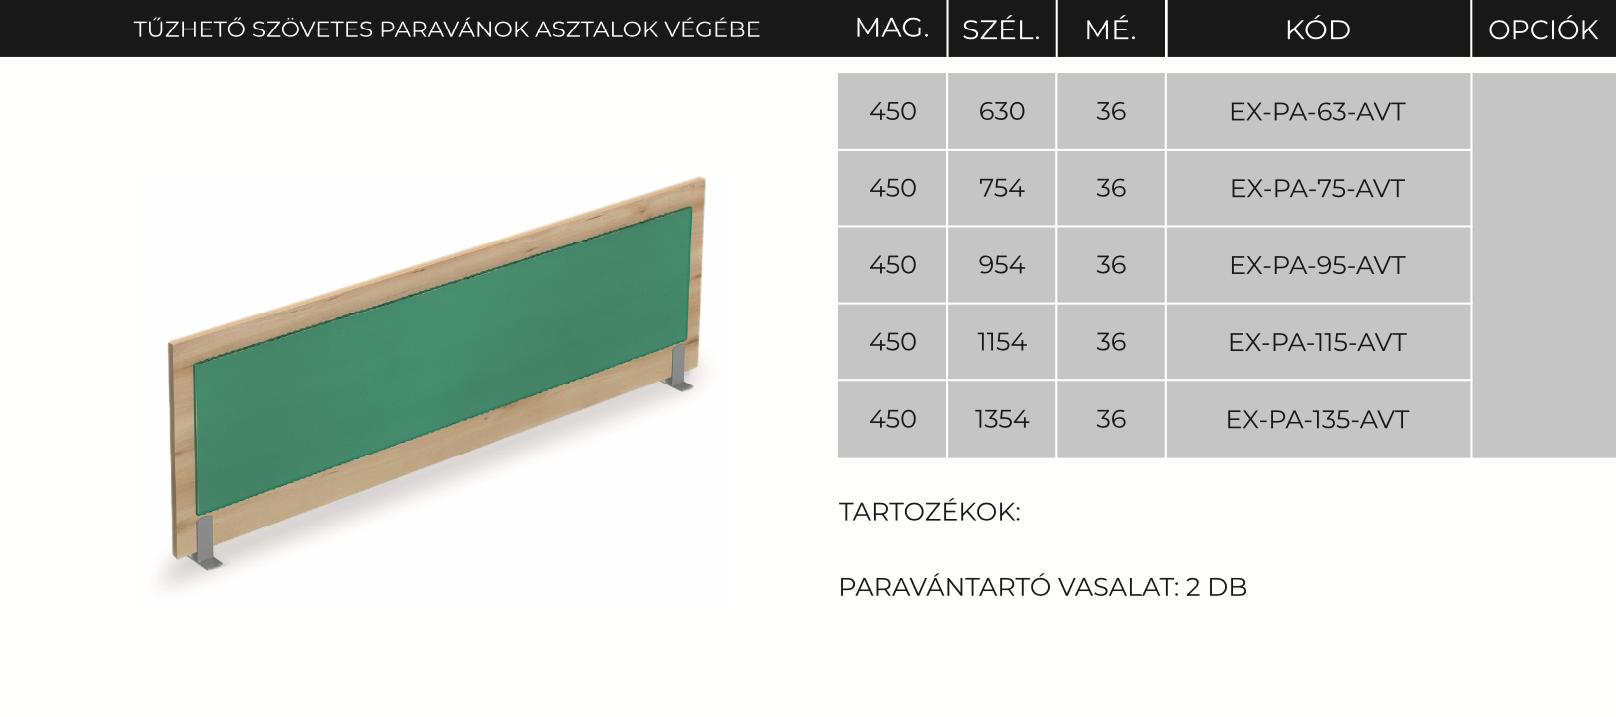 extend-paravanok-4